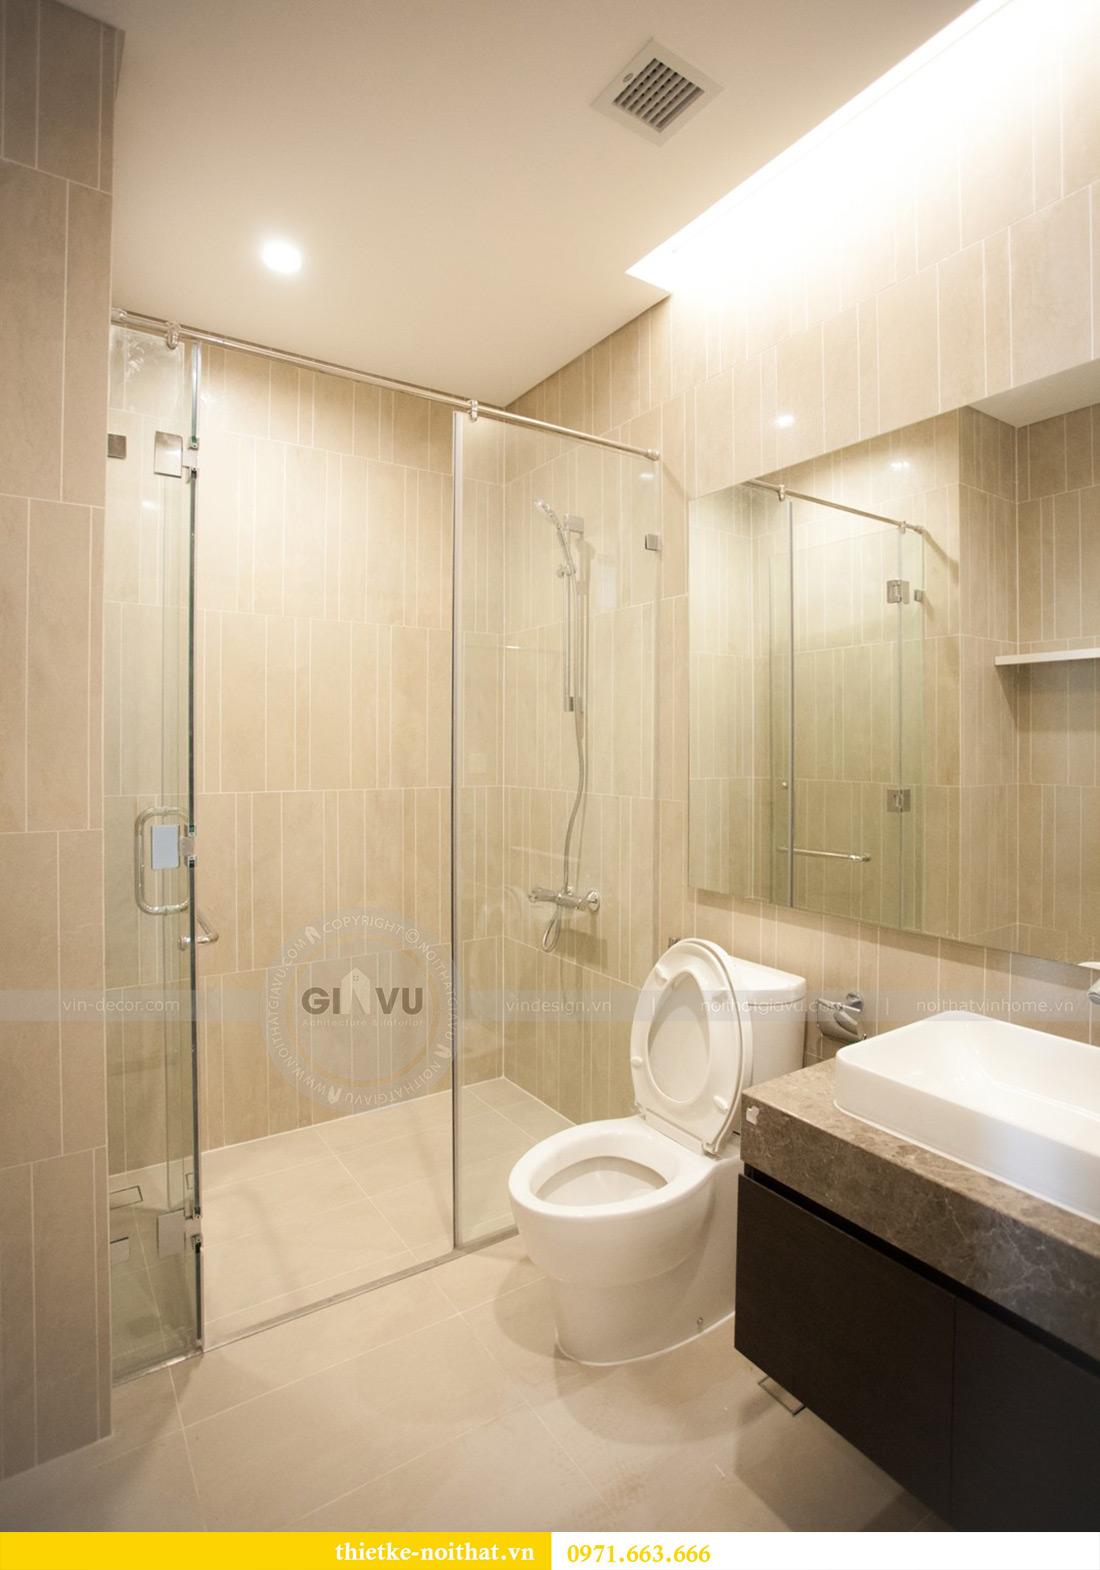 Hoàn thiện nội thất chung cư 69B Thụy Khuê tòa S2B căn 05 anh Thanh 9